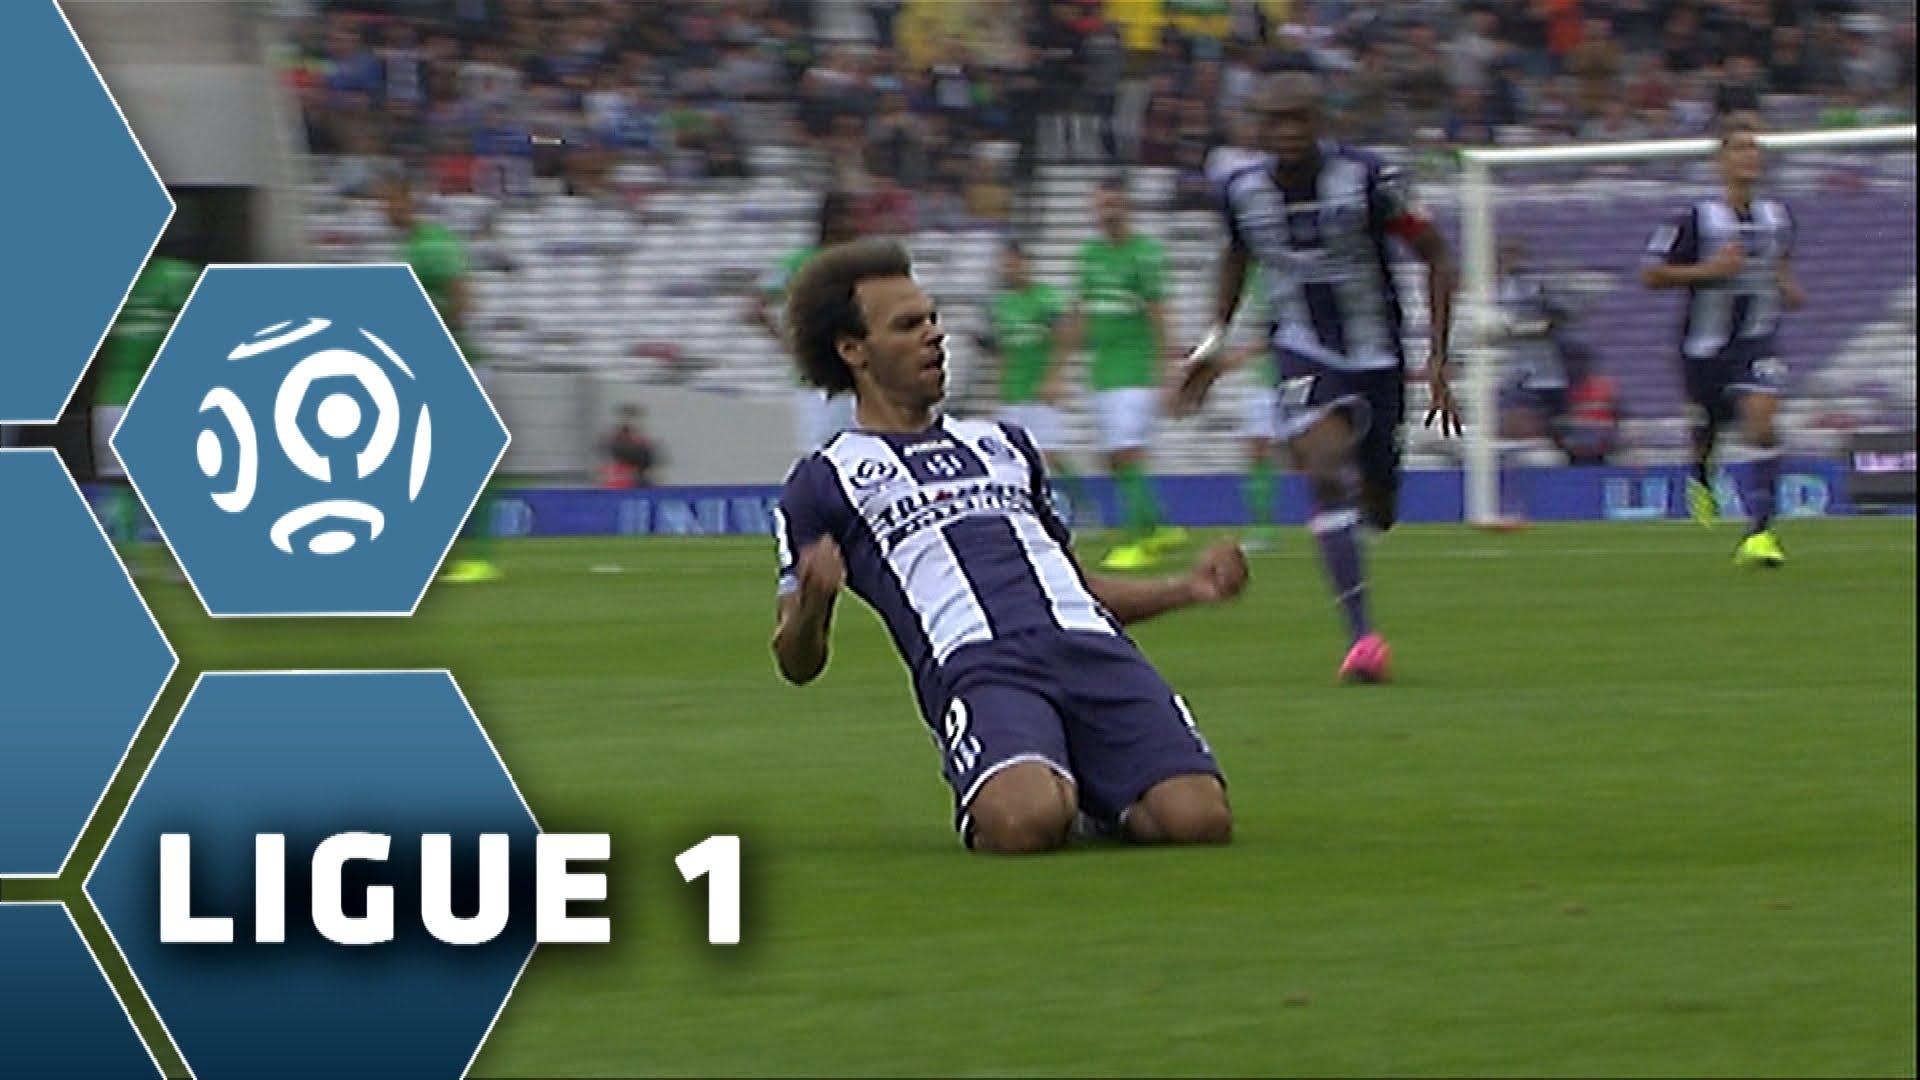 Ligue 1 de costo medio-bajo.